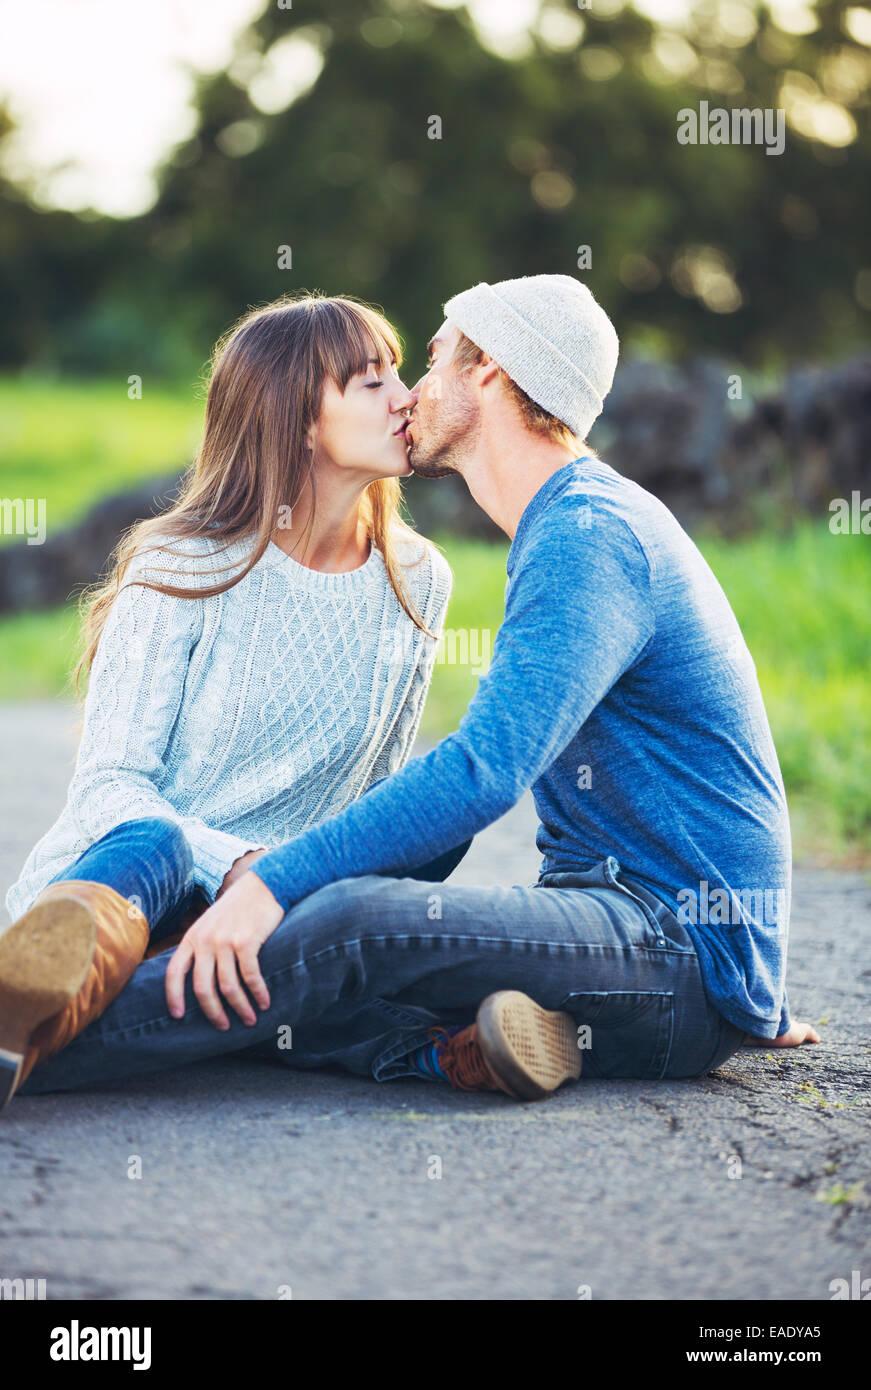 Glückliche junge Paare, die Spaß im Freien. Romantisches Paar küssen in der Liebe auf der Landstraße. Stockfoto